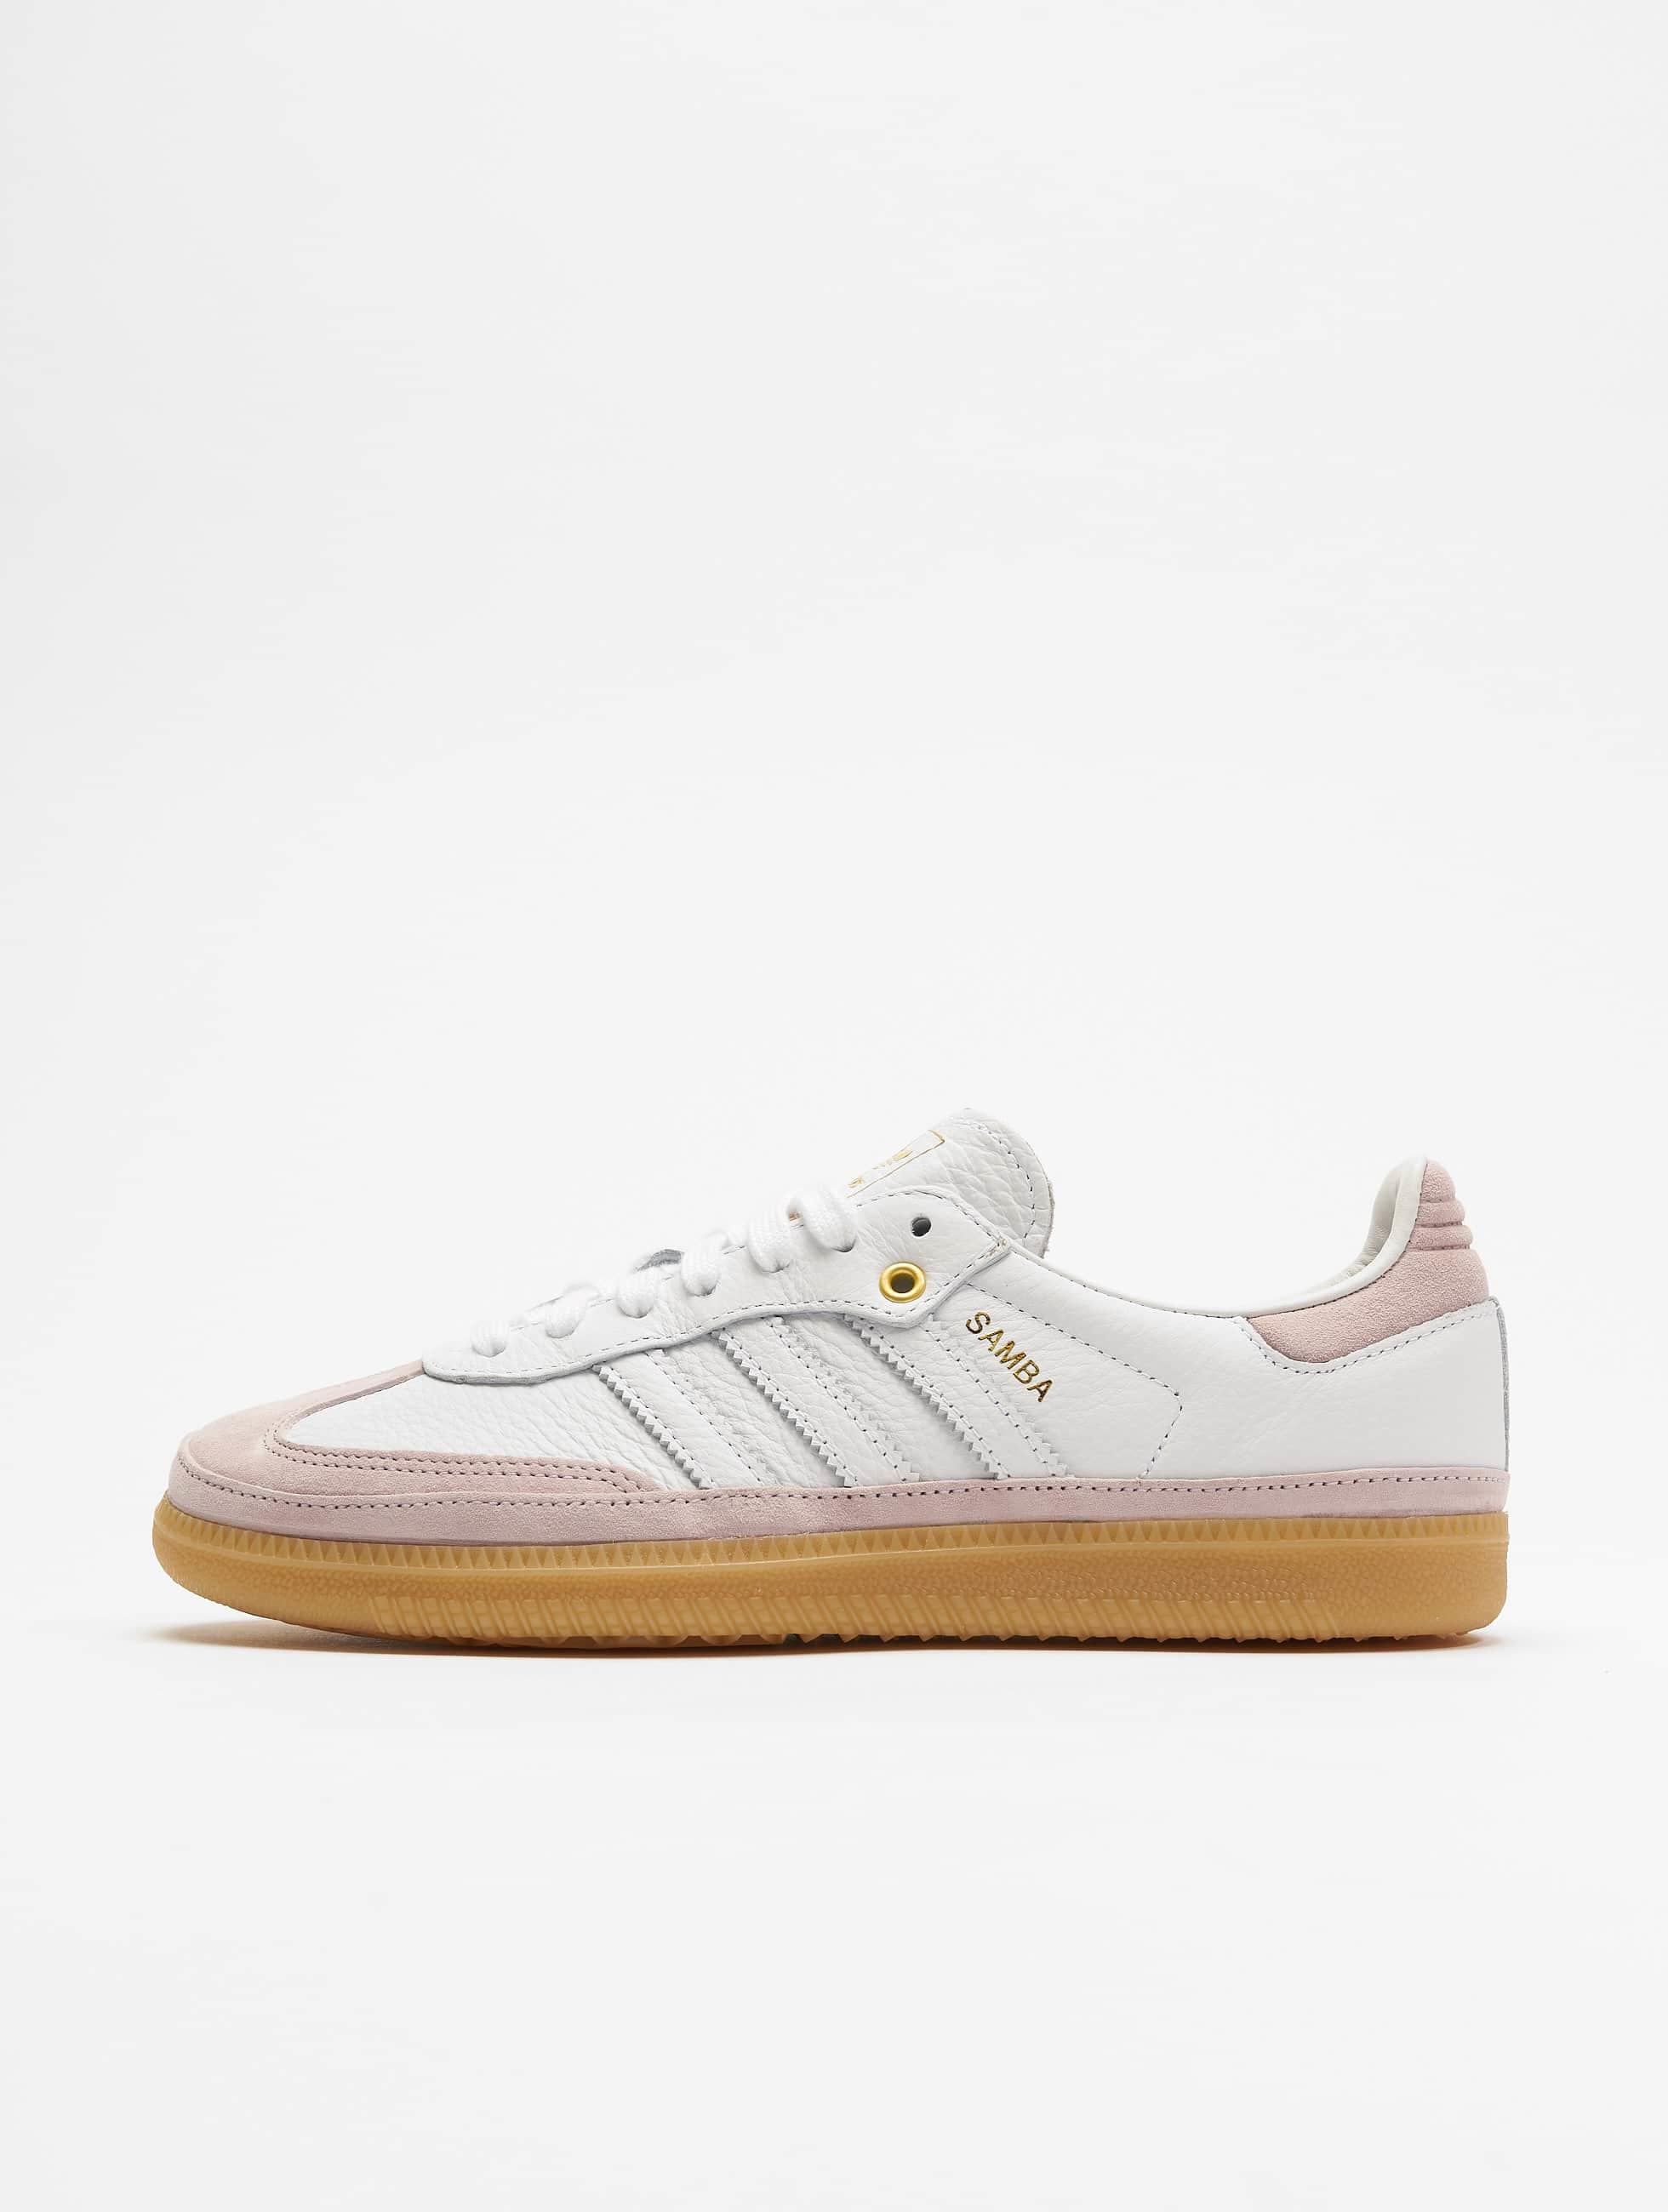 8e3a786aaf7 adidas originals schoen / sneaker Samba OG Relay in wit 599572